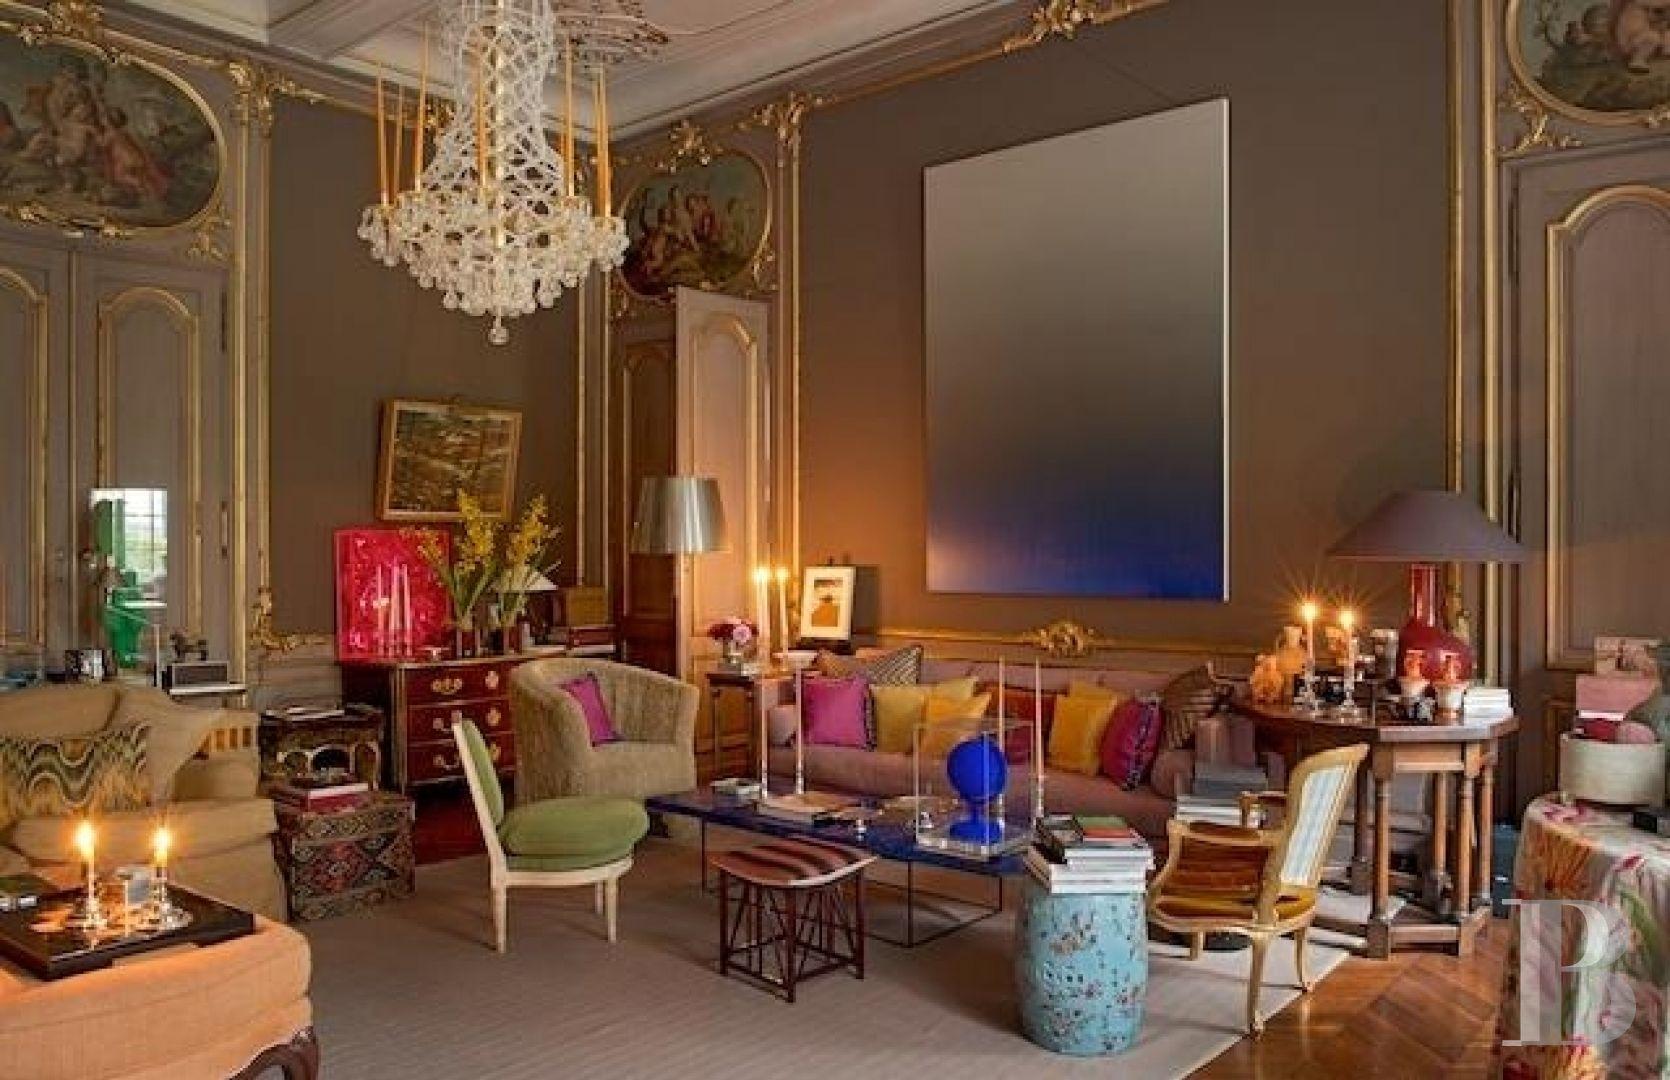 Patrice besse chambres d 39 h tes belgique non loin de la lys c l br e par les po tes un - Chambre d hotes bruxelles ...